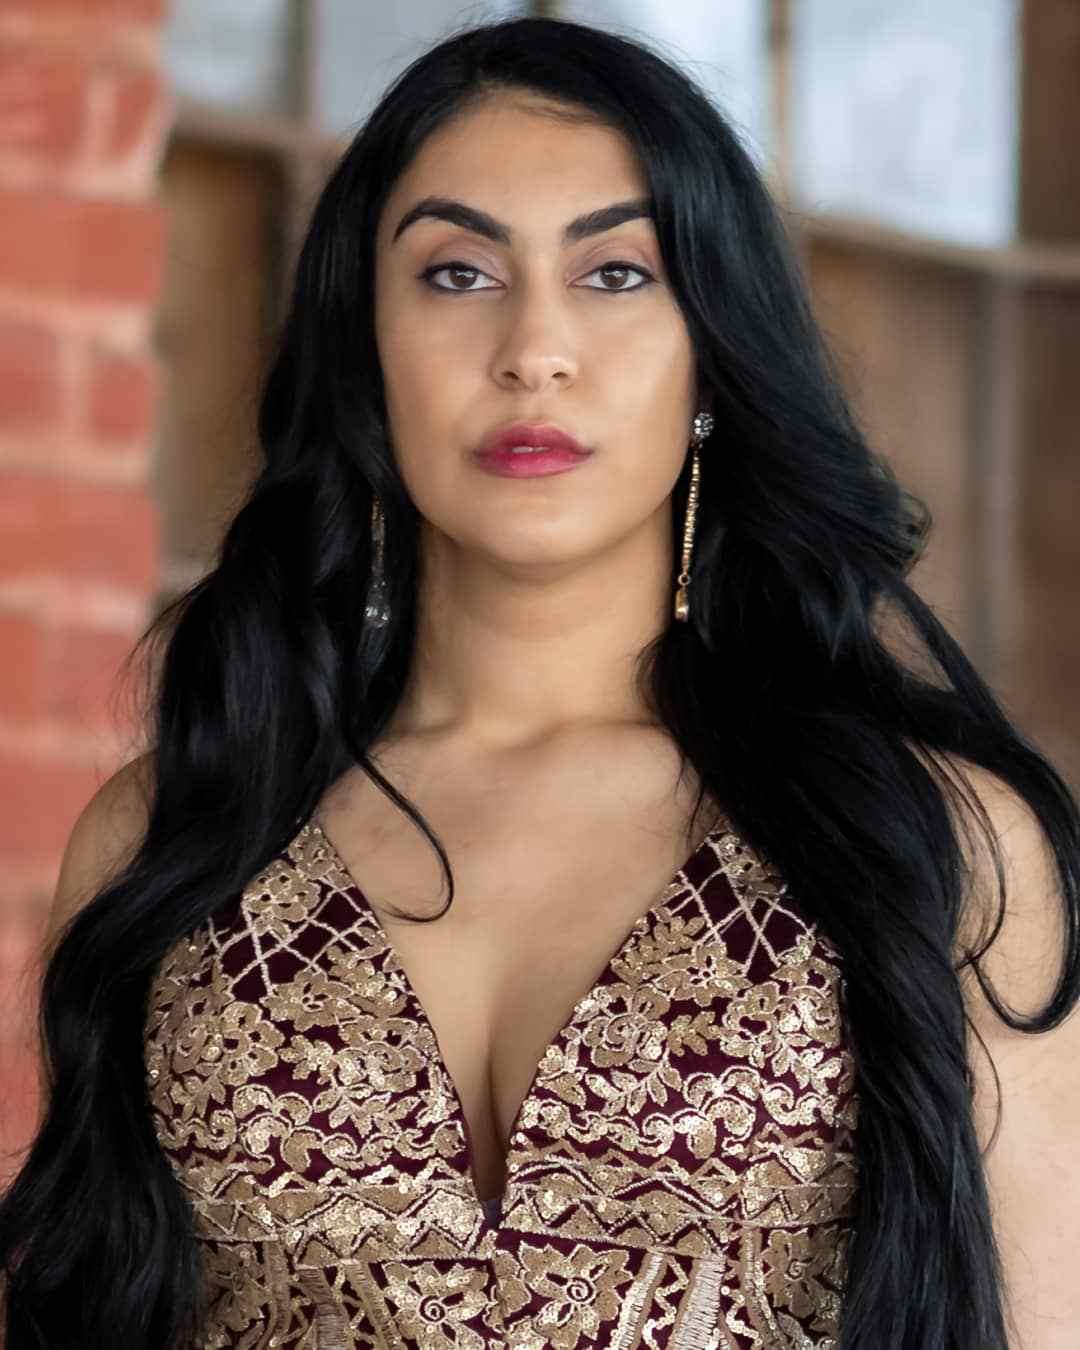 Yasmine Habib